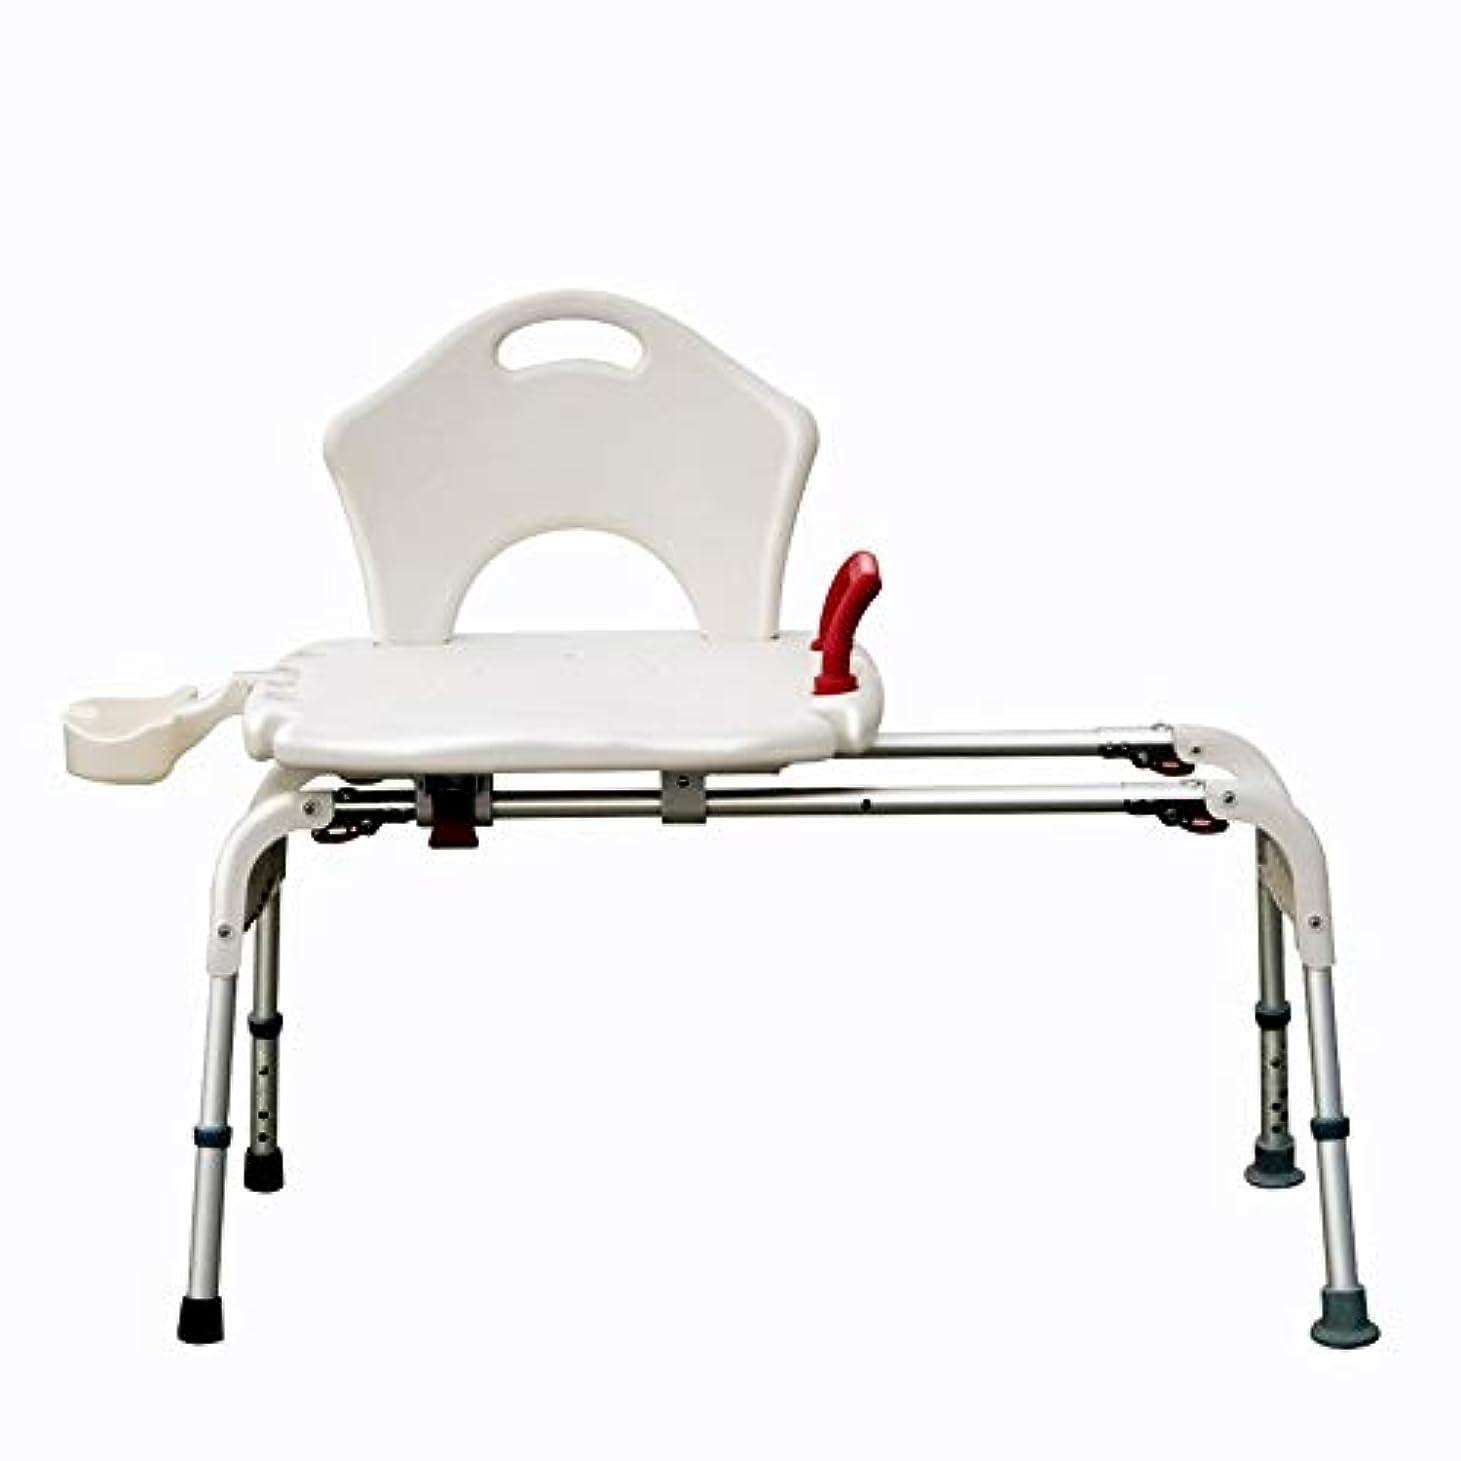 最大のクリア落ち着いた背部およびシャワー?ヘッドのホールダーが付いているデラックスな高さの調節可能なアルミニウムBath/シャワーの椅子